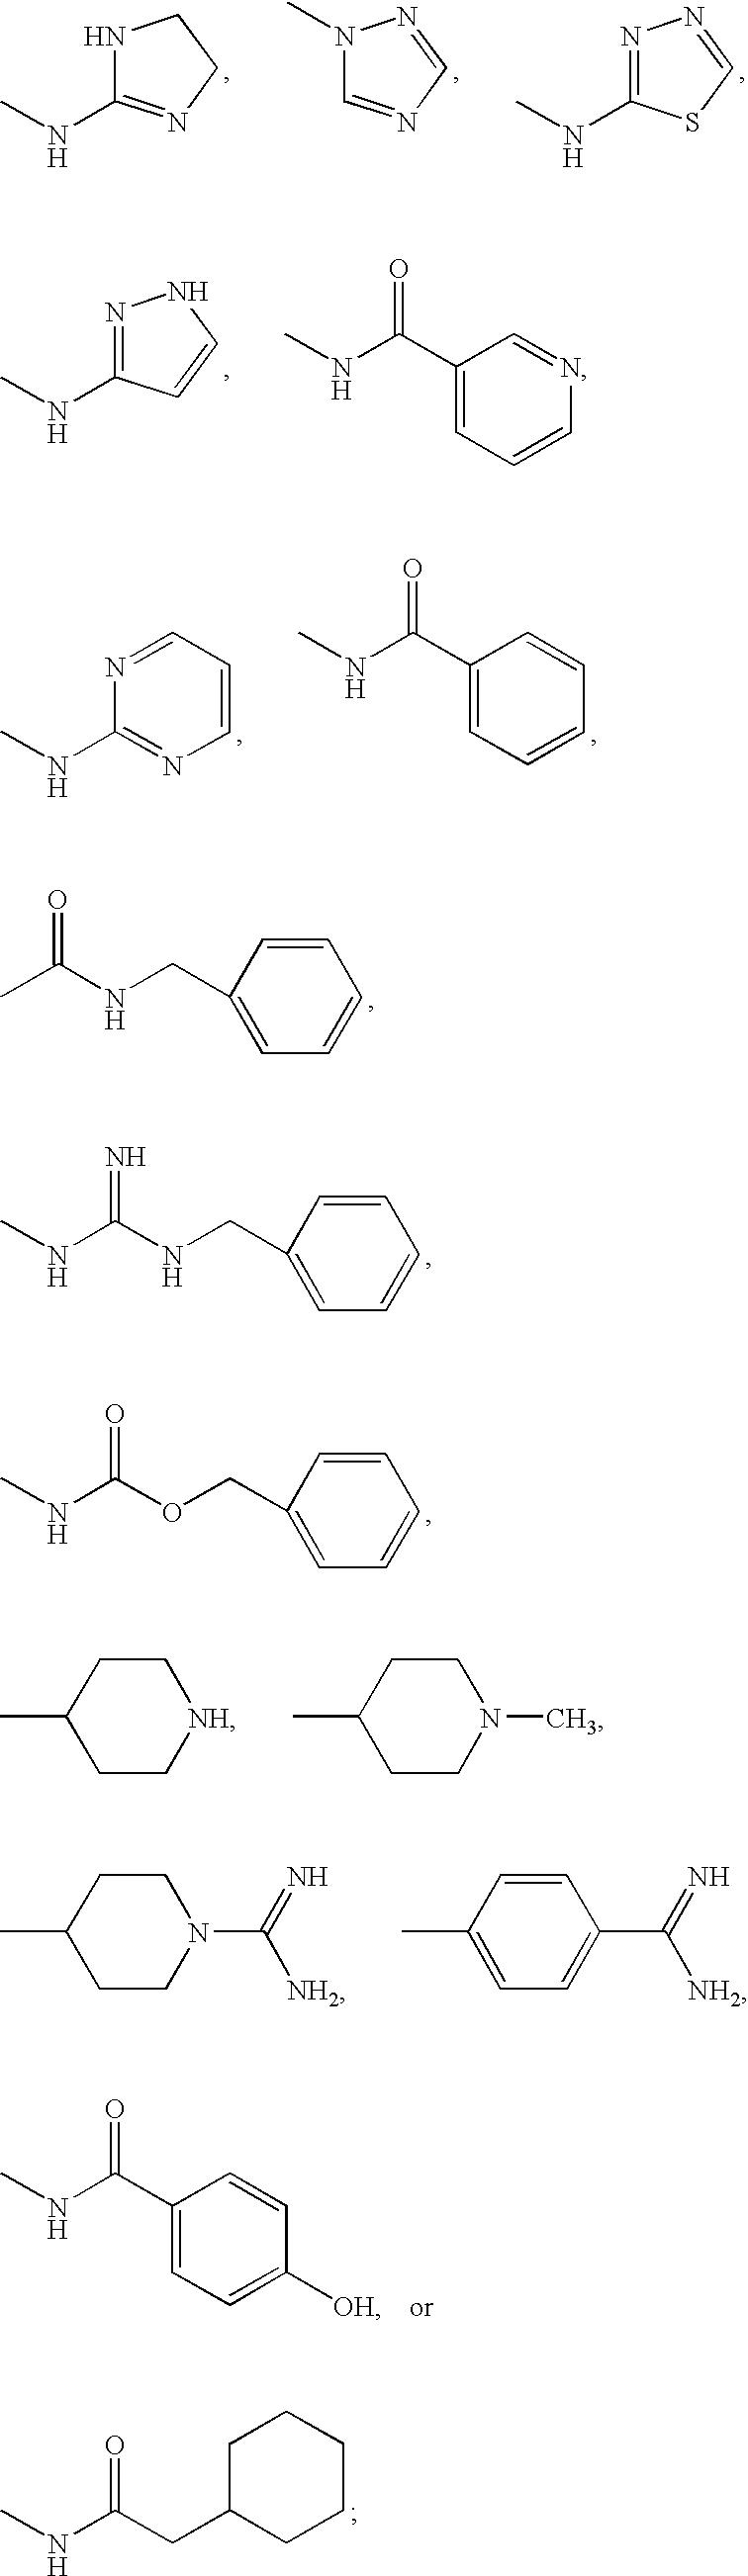 Figure US20100035821A1-20100211-C00272